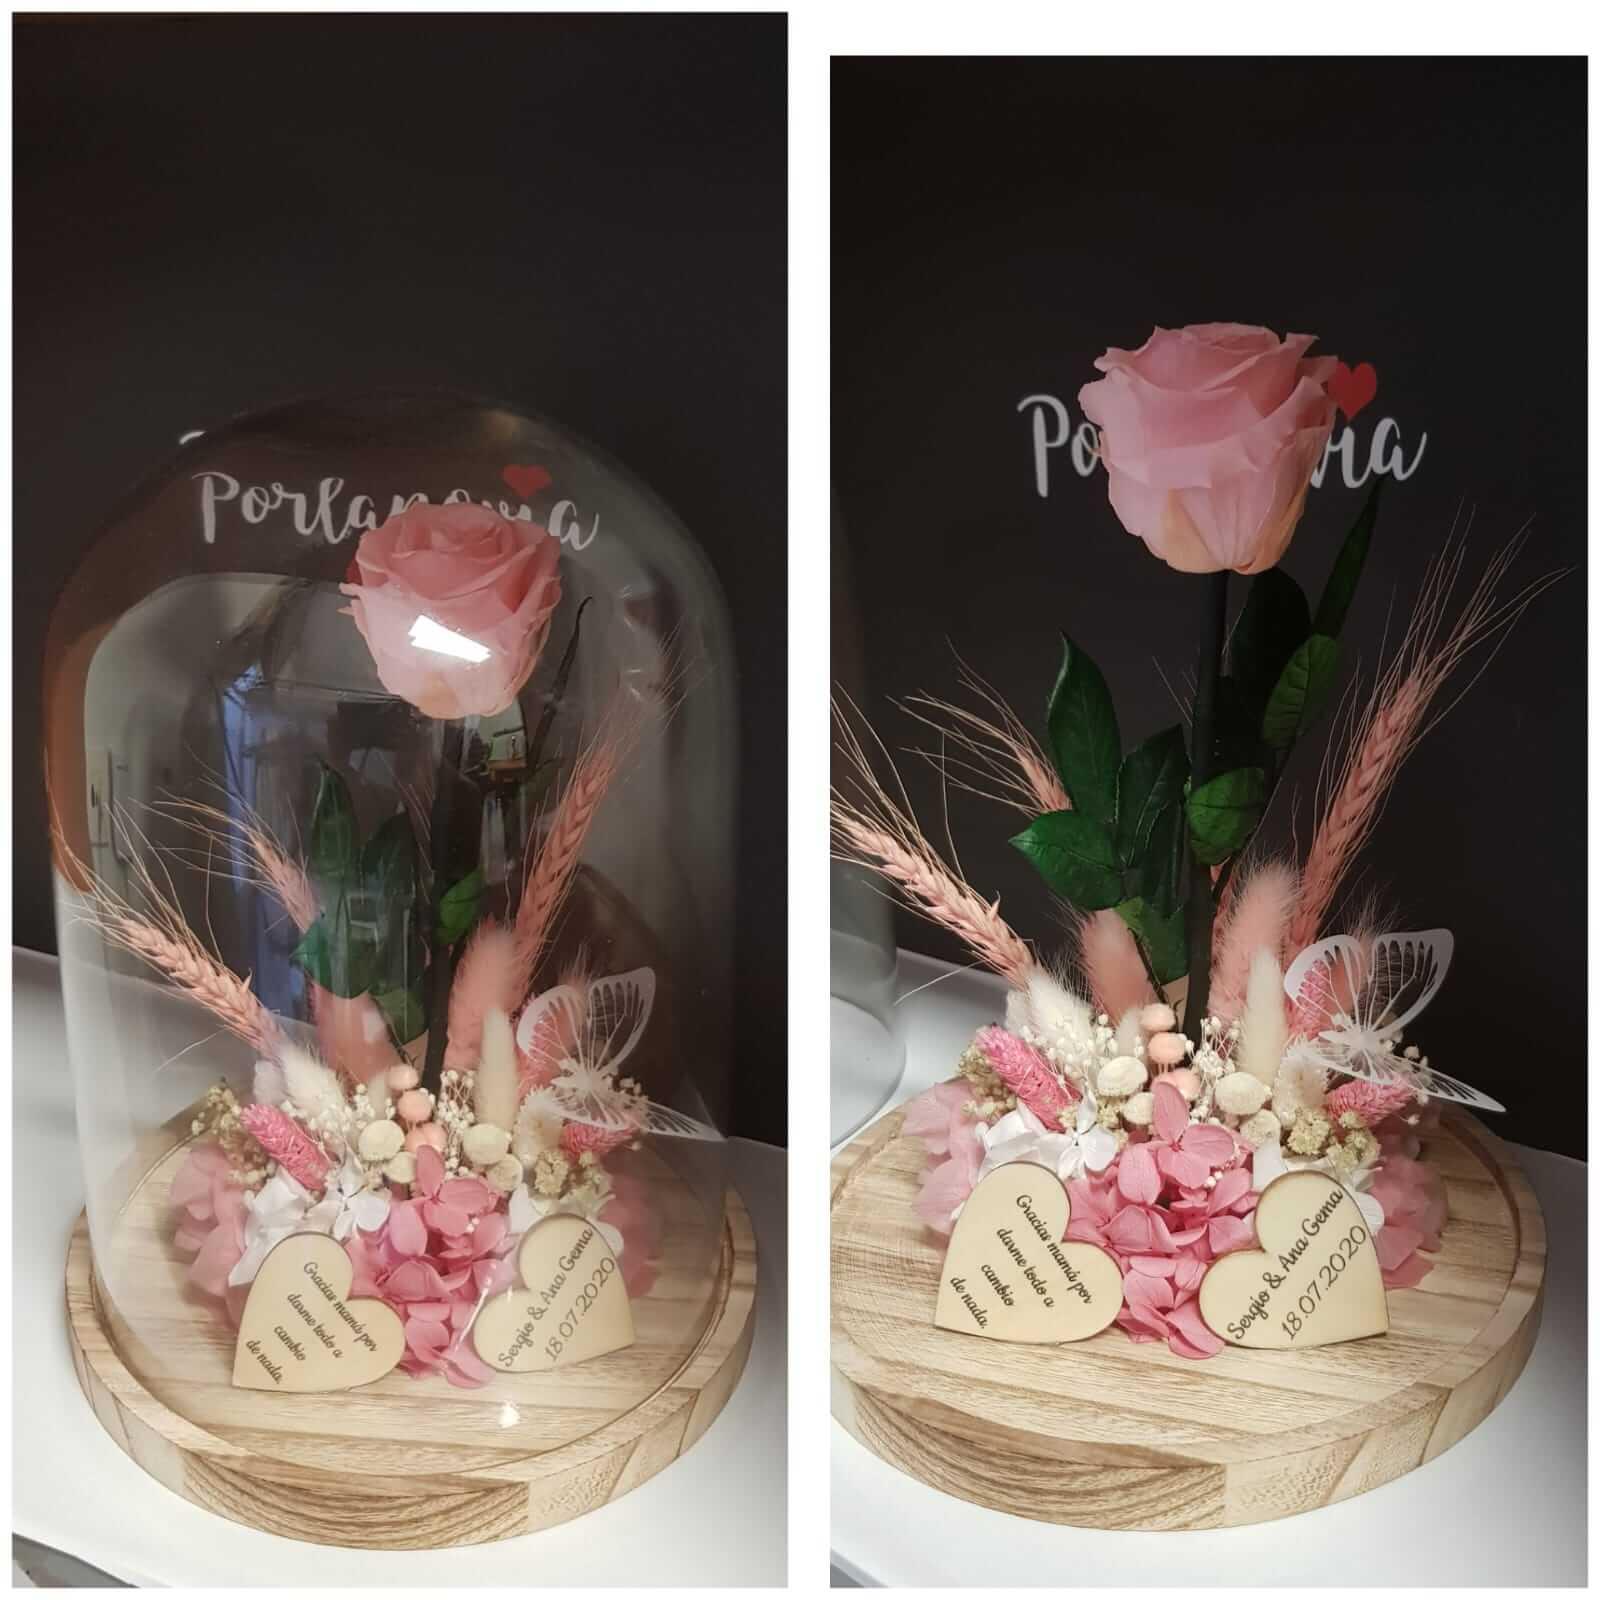 width= cupula de cristal - Cupula de cristal con rosa preservada 2 - Cupula de cristal con rosa preservada